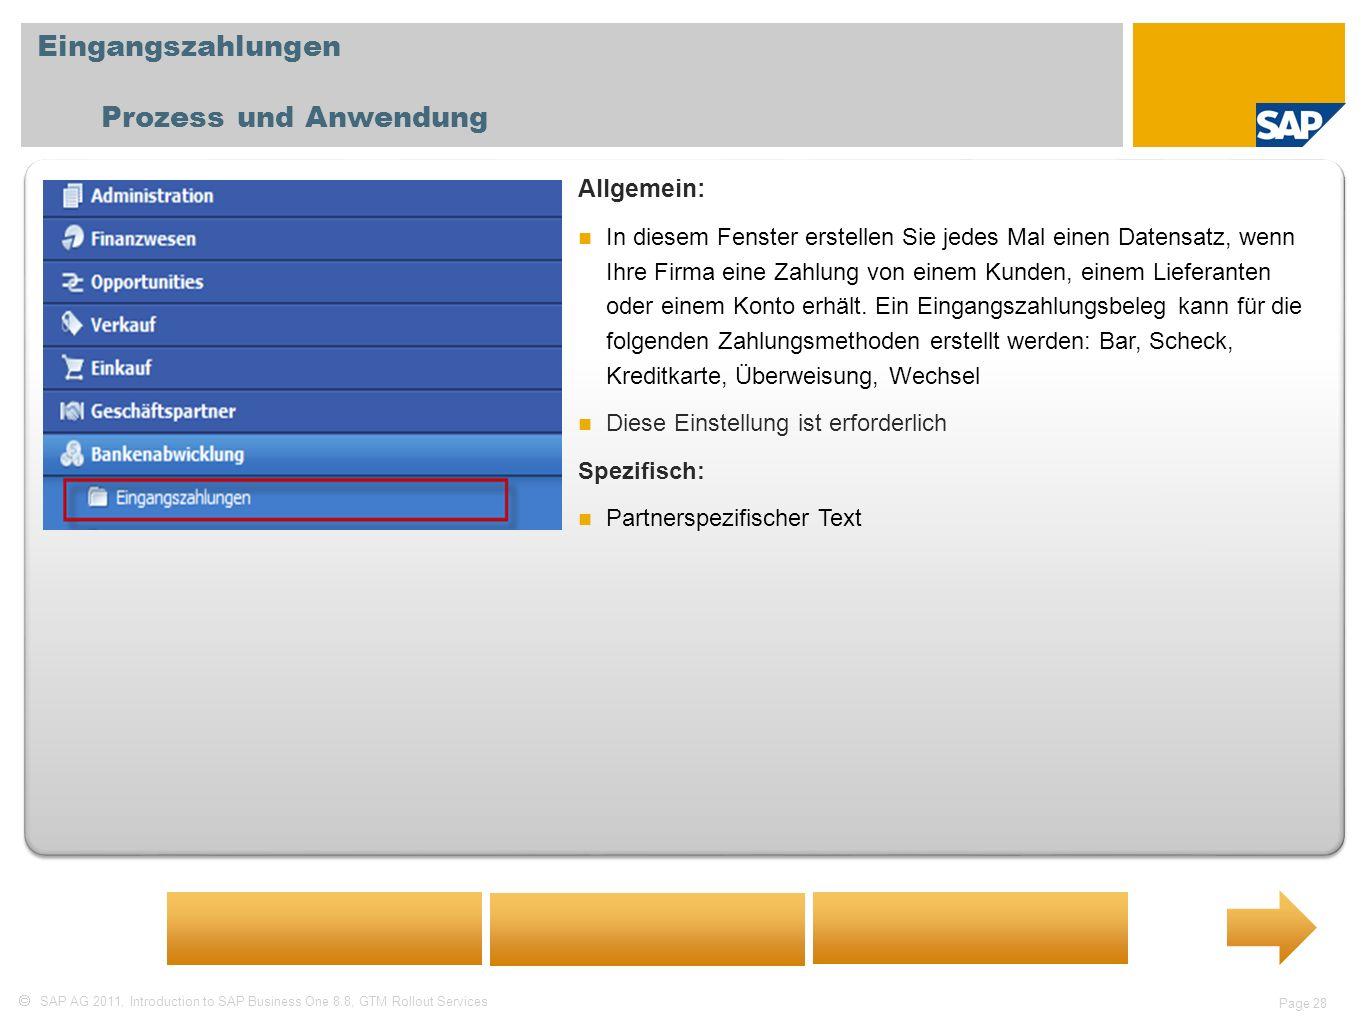 SAP AG 2011, Introduction to SAP Business One 8.8, GTM Rollout Services Page 28 Eingangszahlungen Prozess und Anwendung Allgemein: In diesem Fenster erstellen Sie jedes Mal einen Datensatz, wenn Ihre Firma eine Zahlung von einem Kunden, einem Lieferanten oder einem Konto erhält.